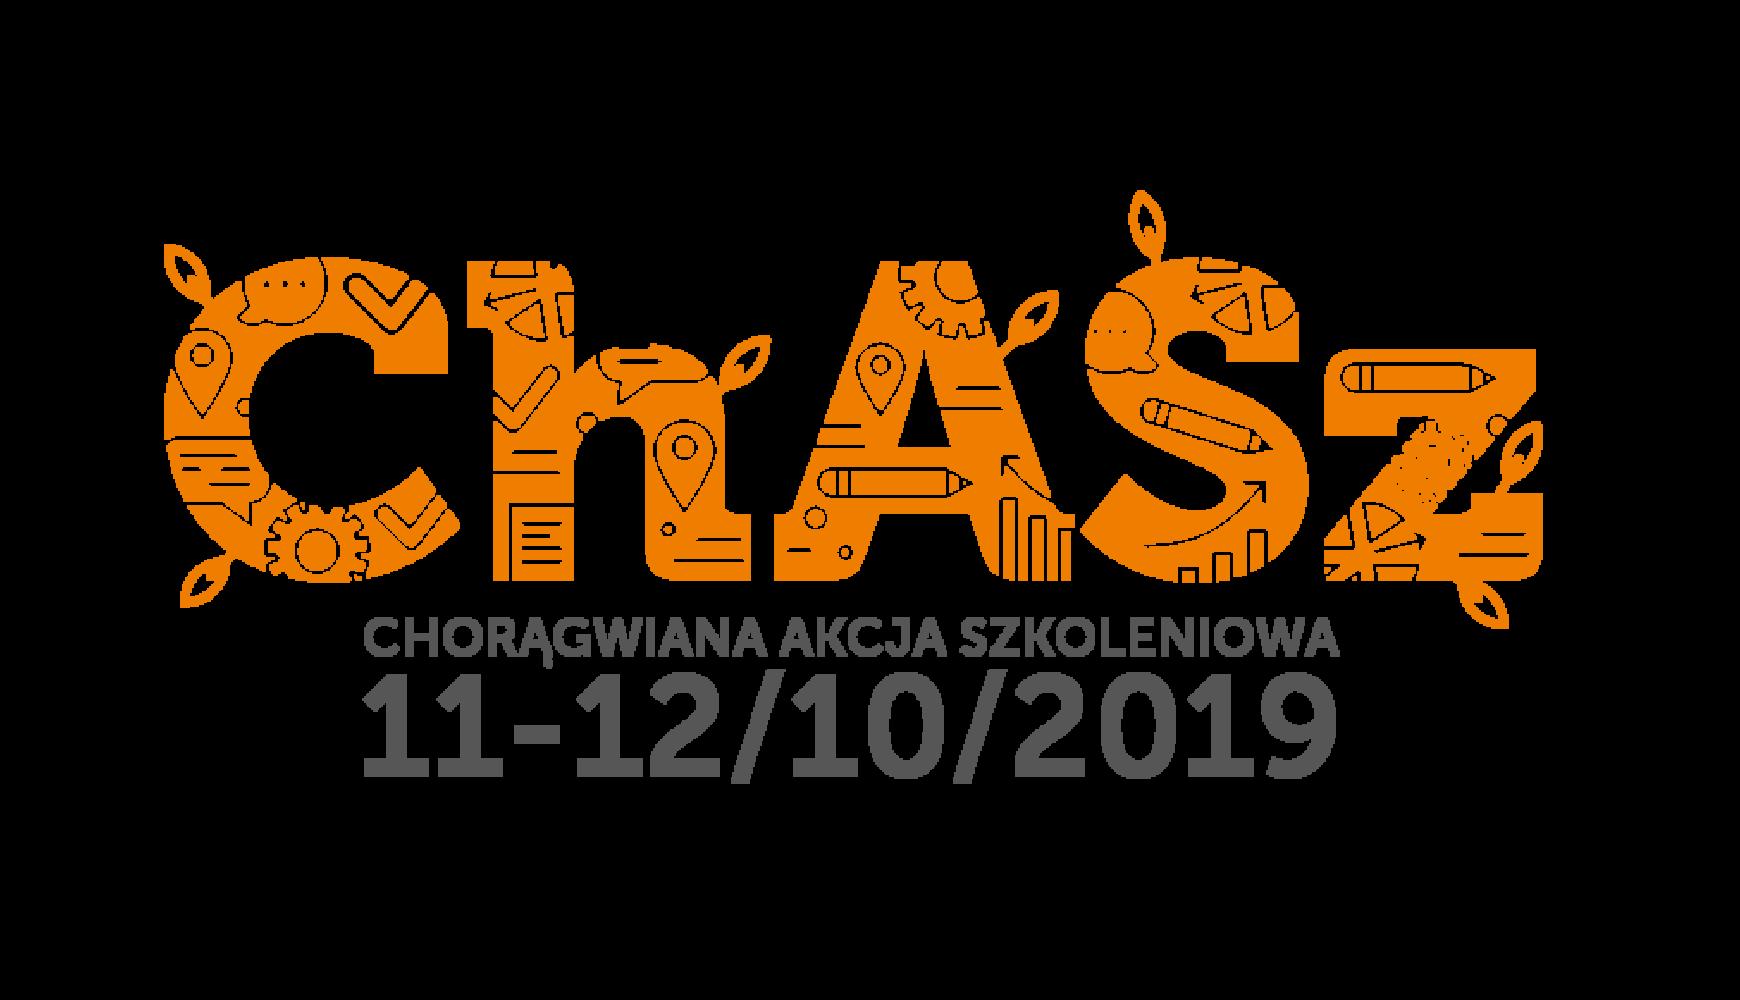 """Chorągwiana Akcja Szkoleniowa – jesień 2019 """"Z metodyką za pan brat!"""""""